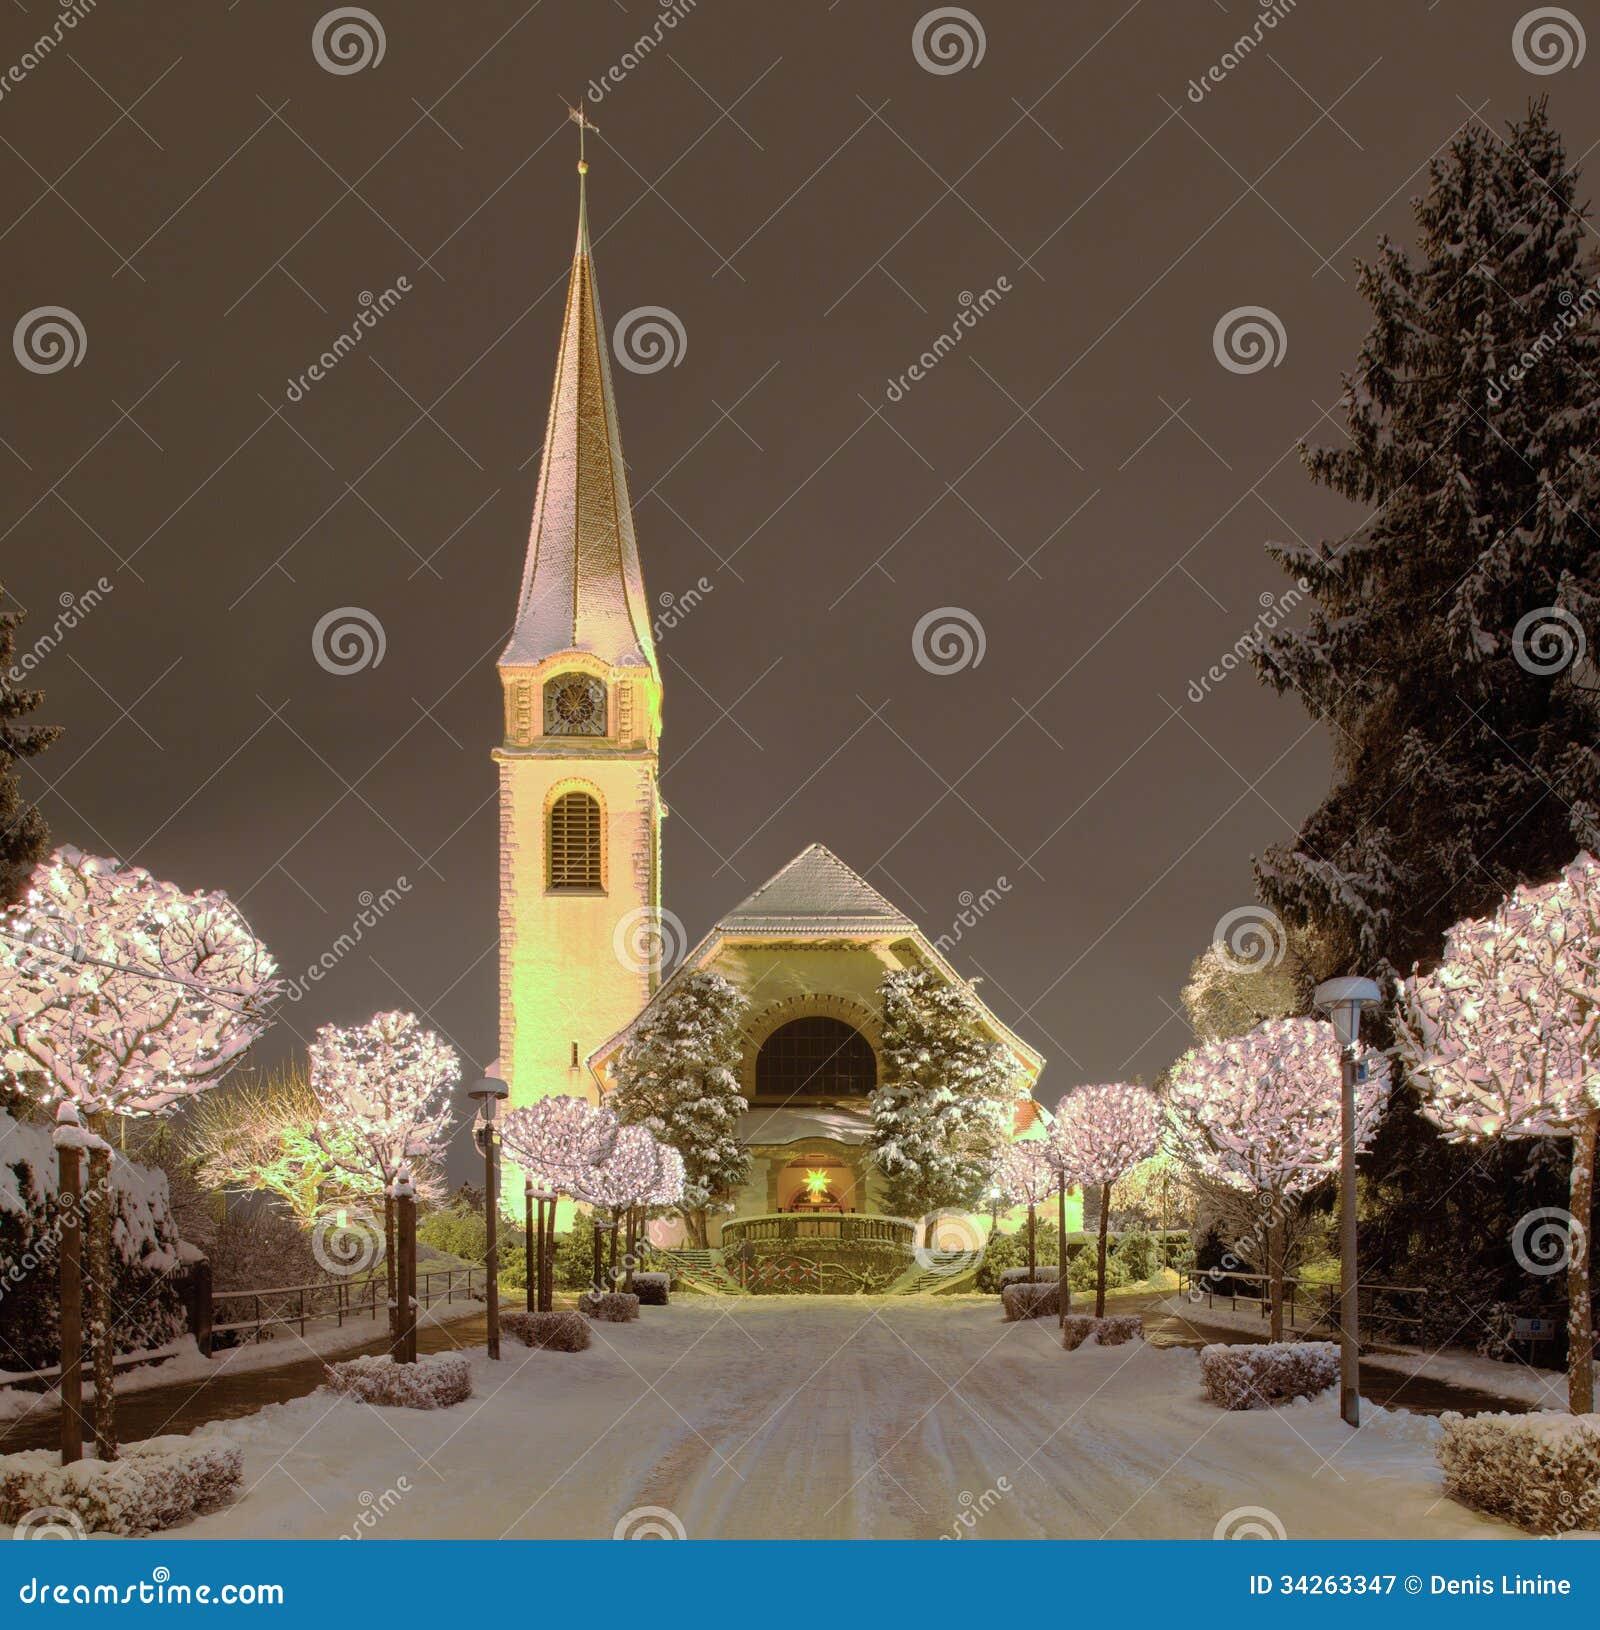 Weihnachten Kirche.Straße Und Kirche Belichtet Für Weihnachten Stockbild Bild Von